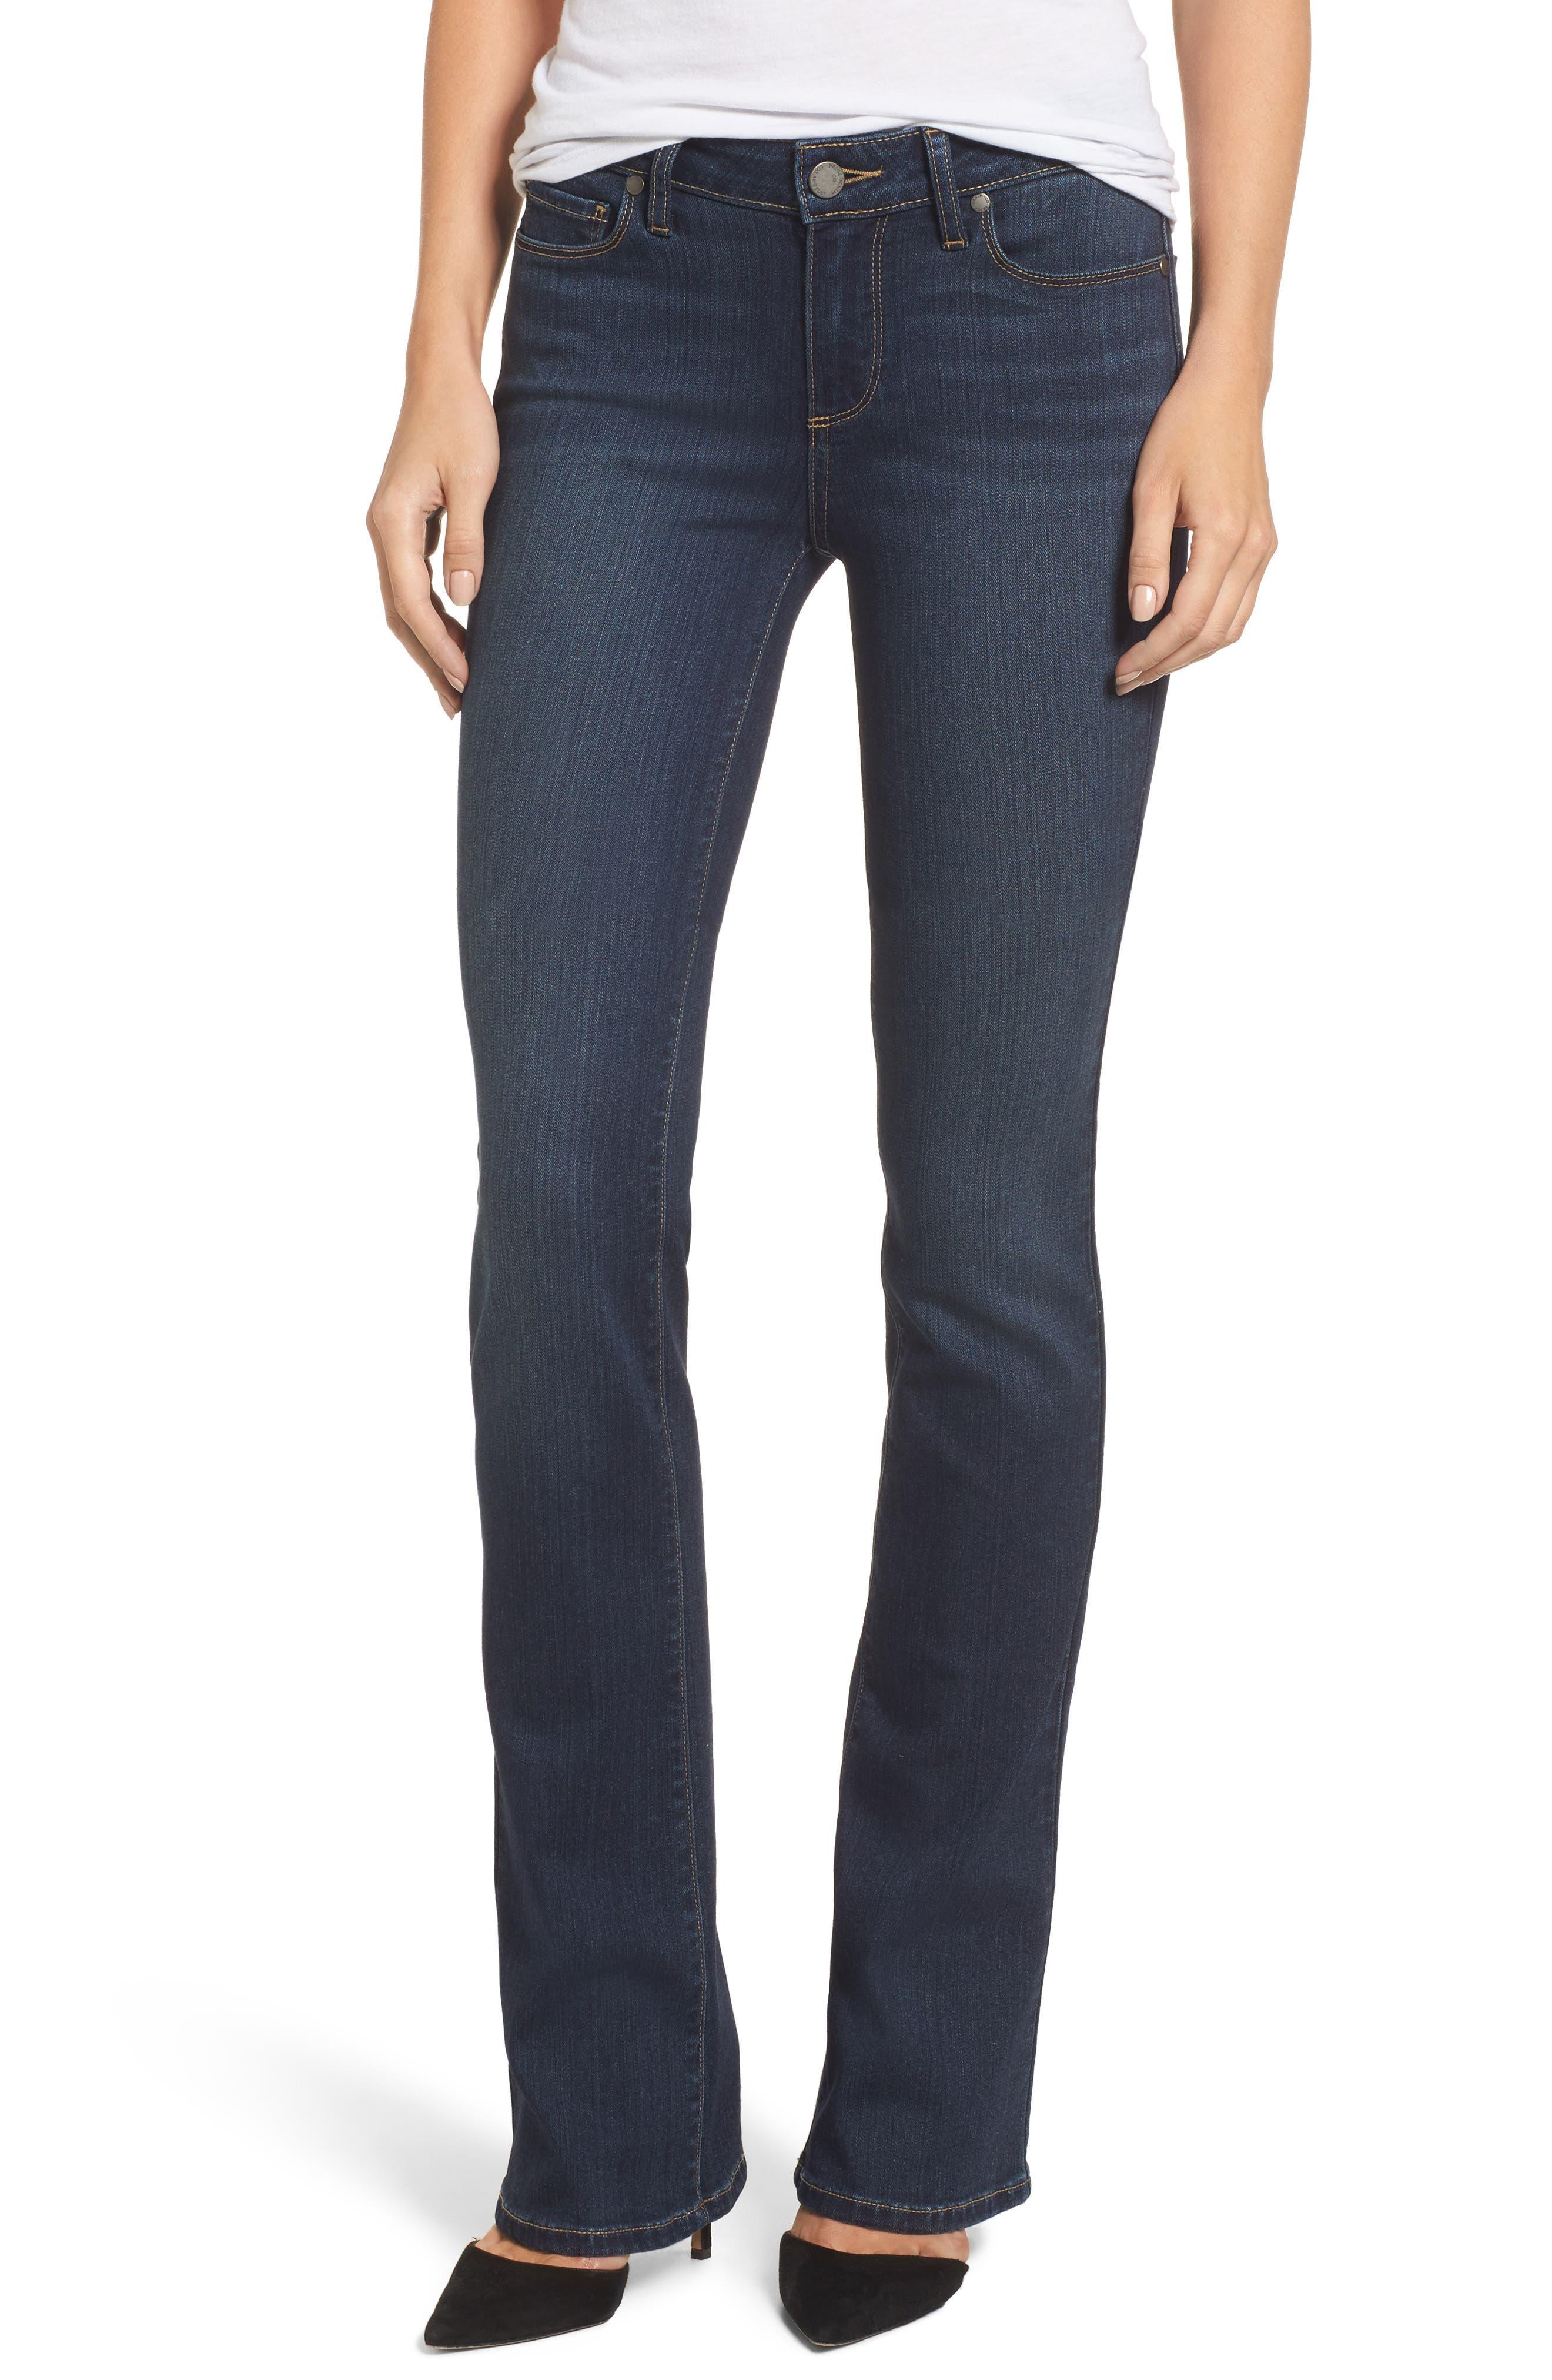 Transcend - Manhattan Bootcut Jeans,                         Main,                         color, NOTTINGHAM